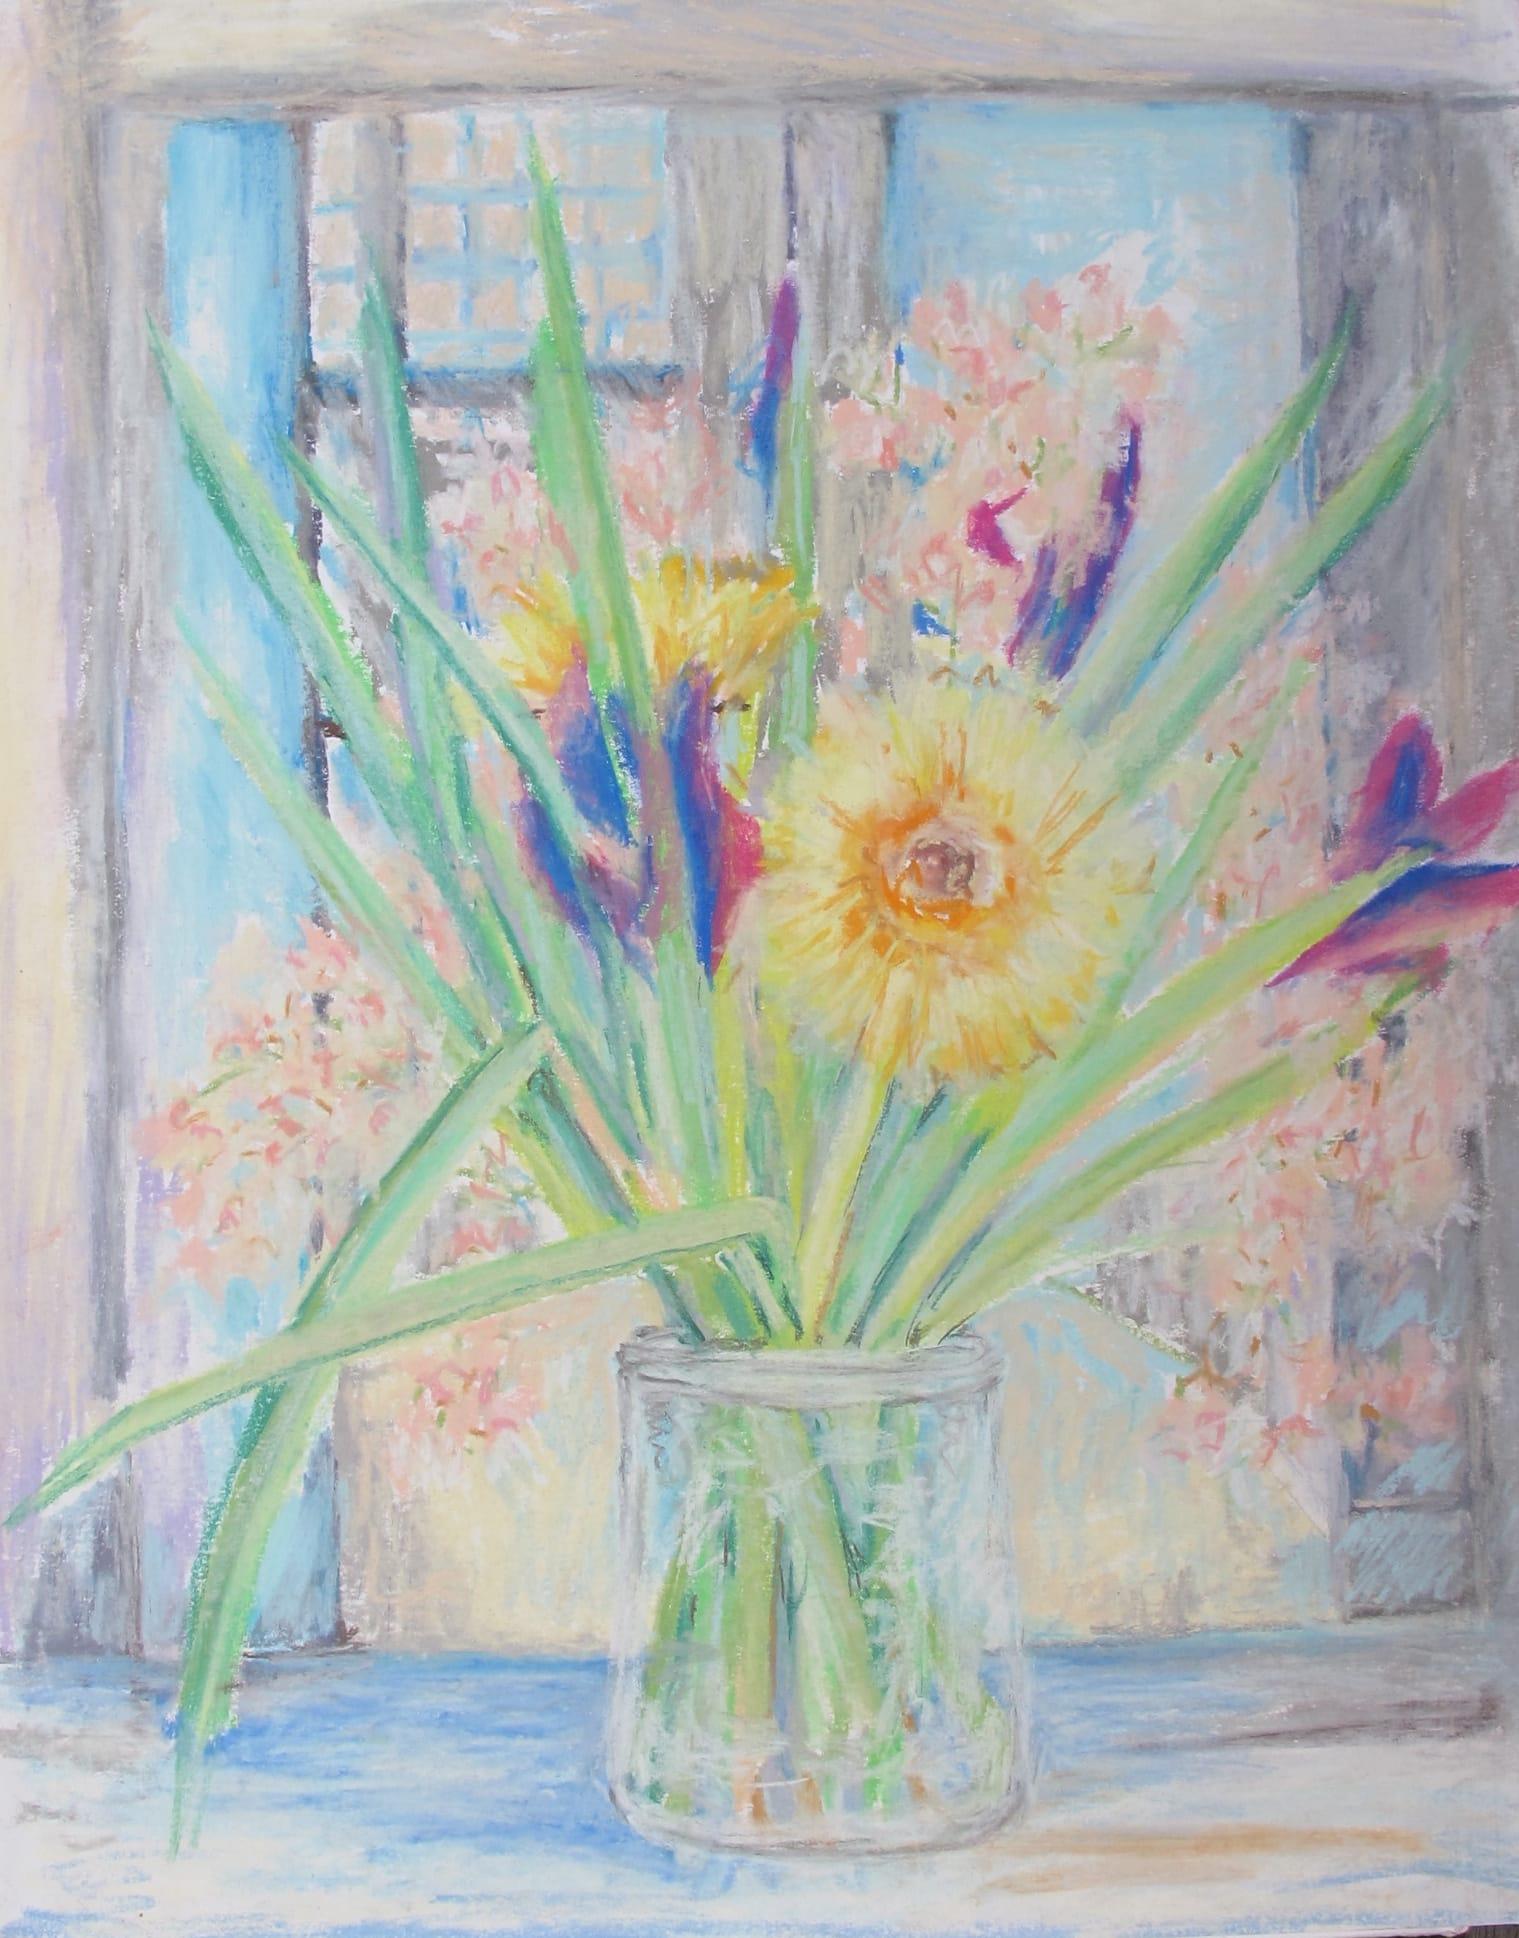 Still Life, 2011, 40x30 cm